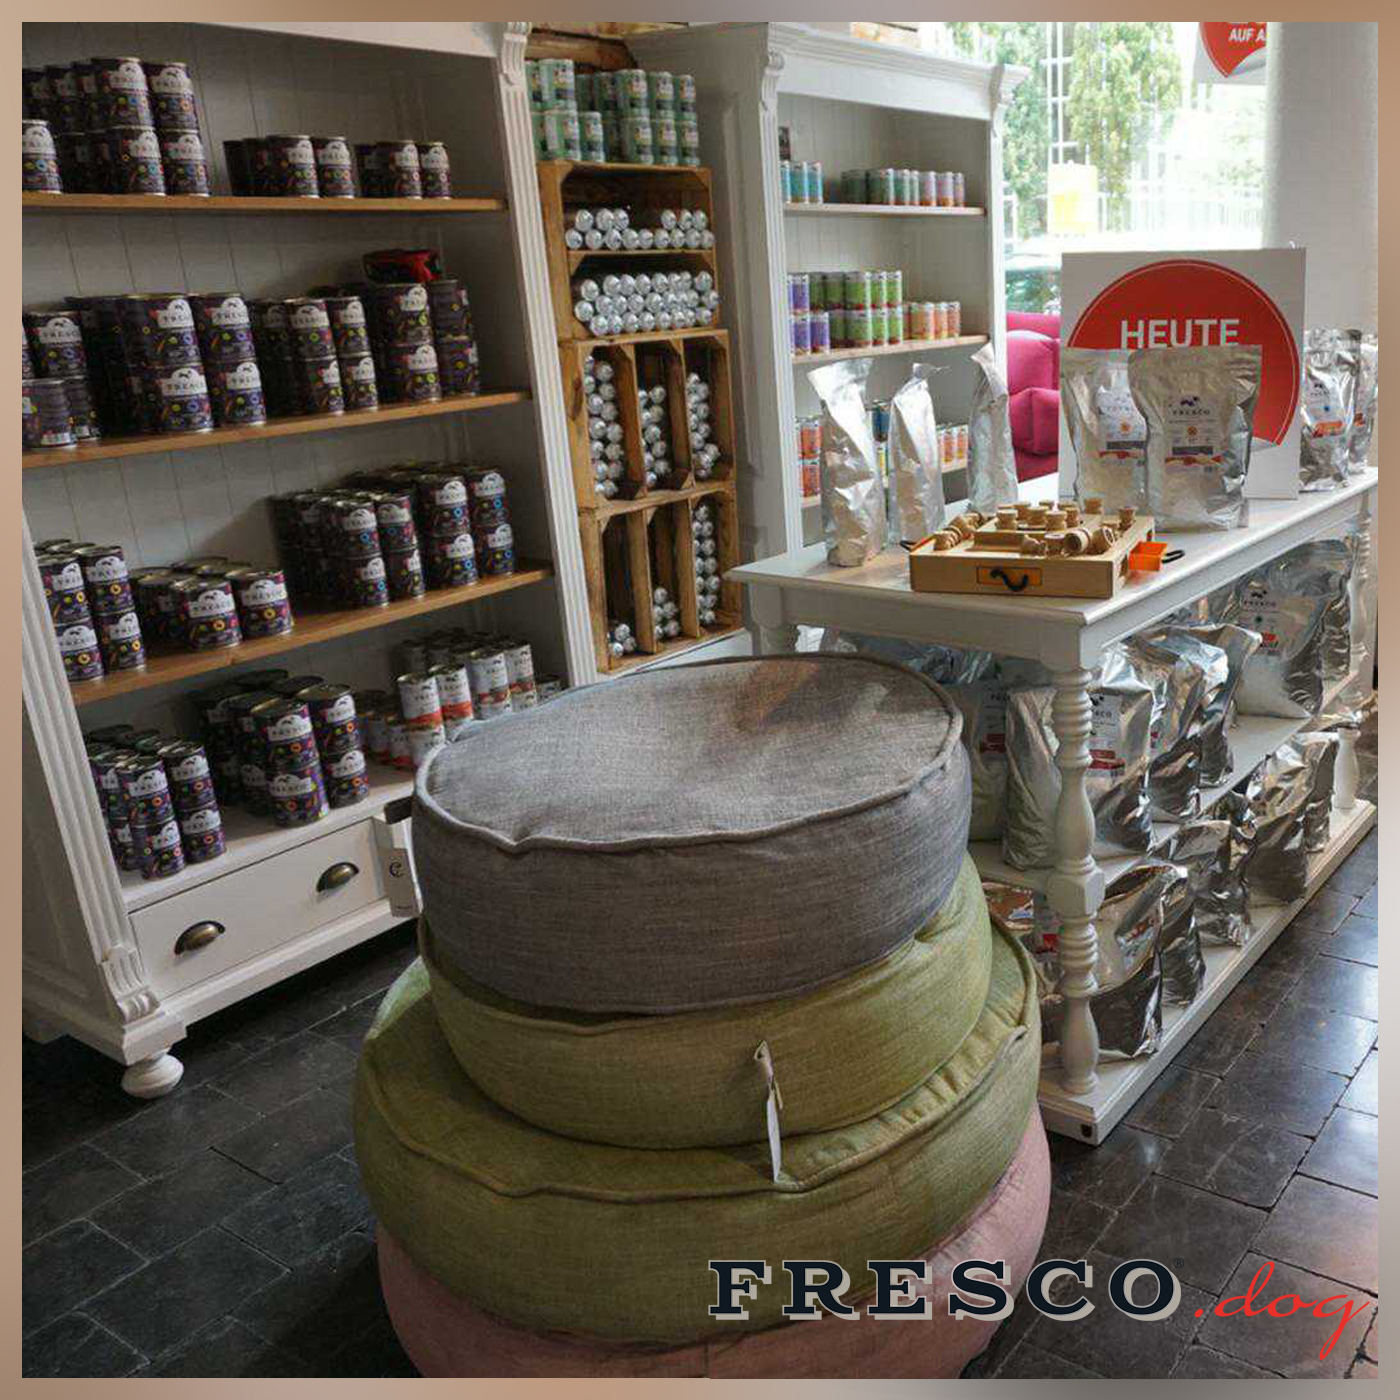 Fresco-Shop1